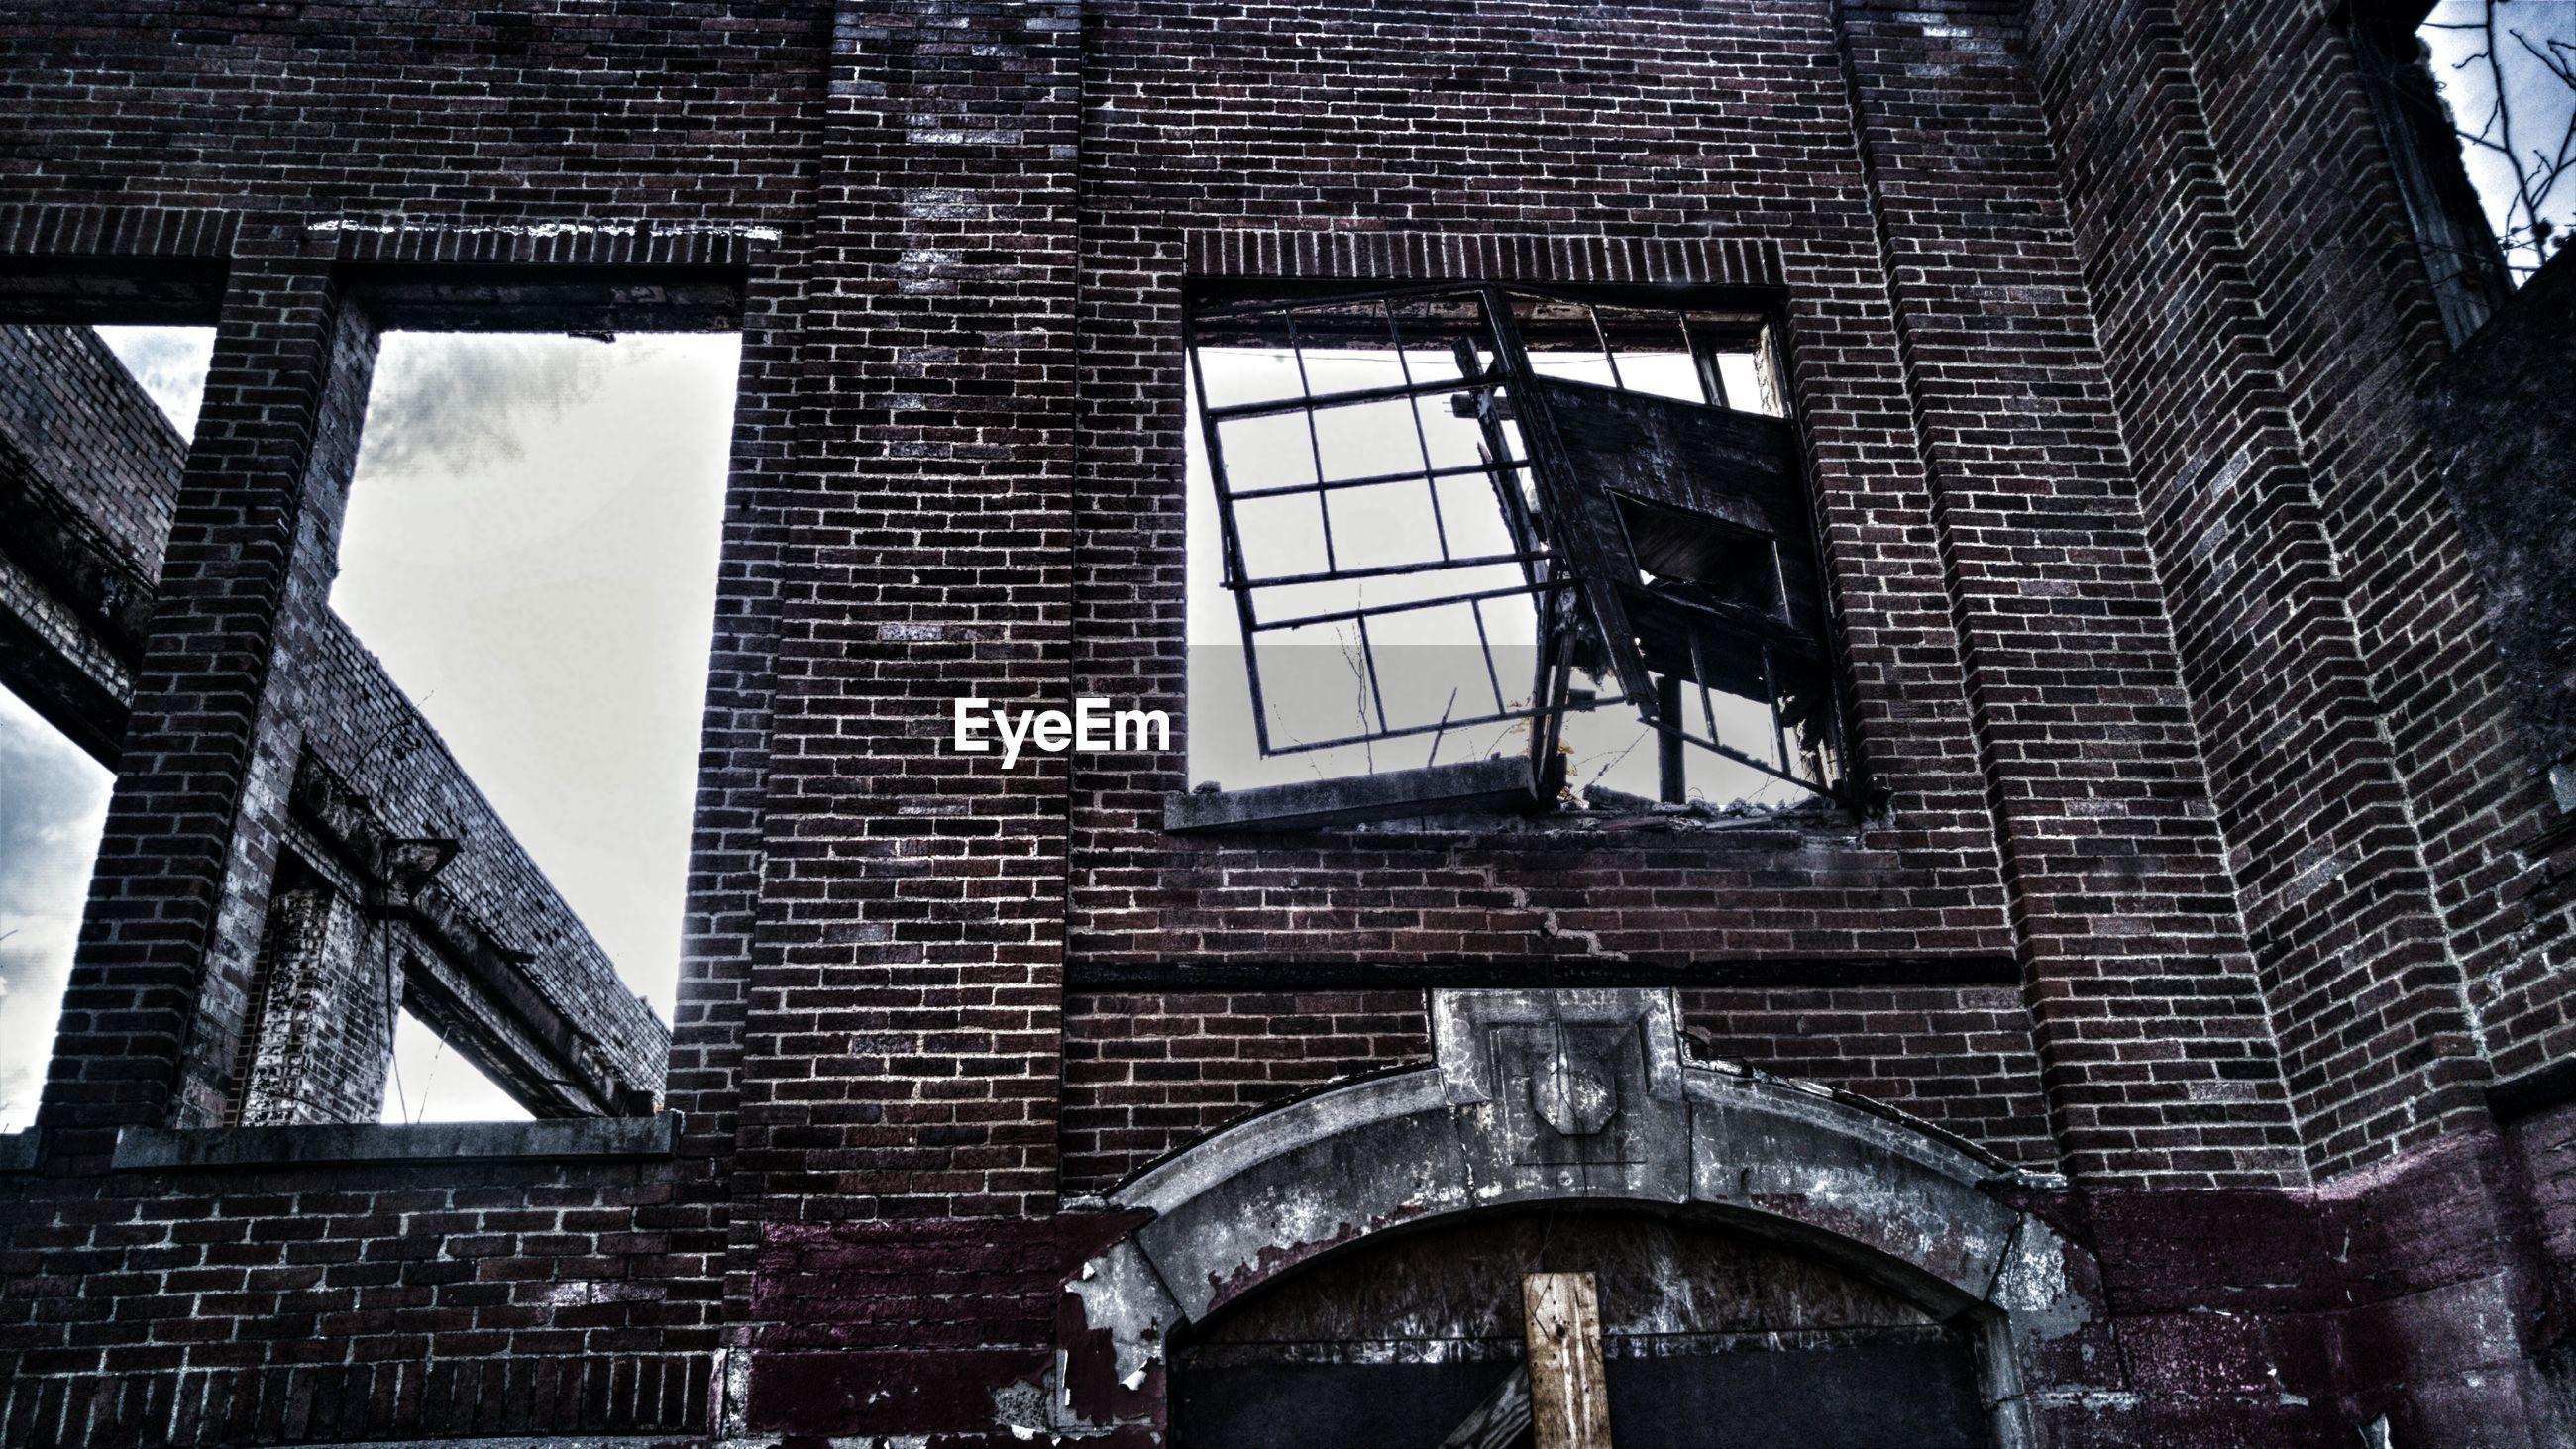 Broken window of building